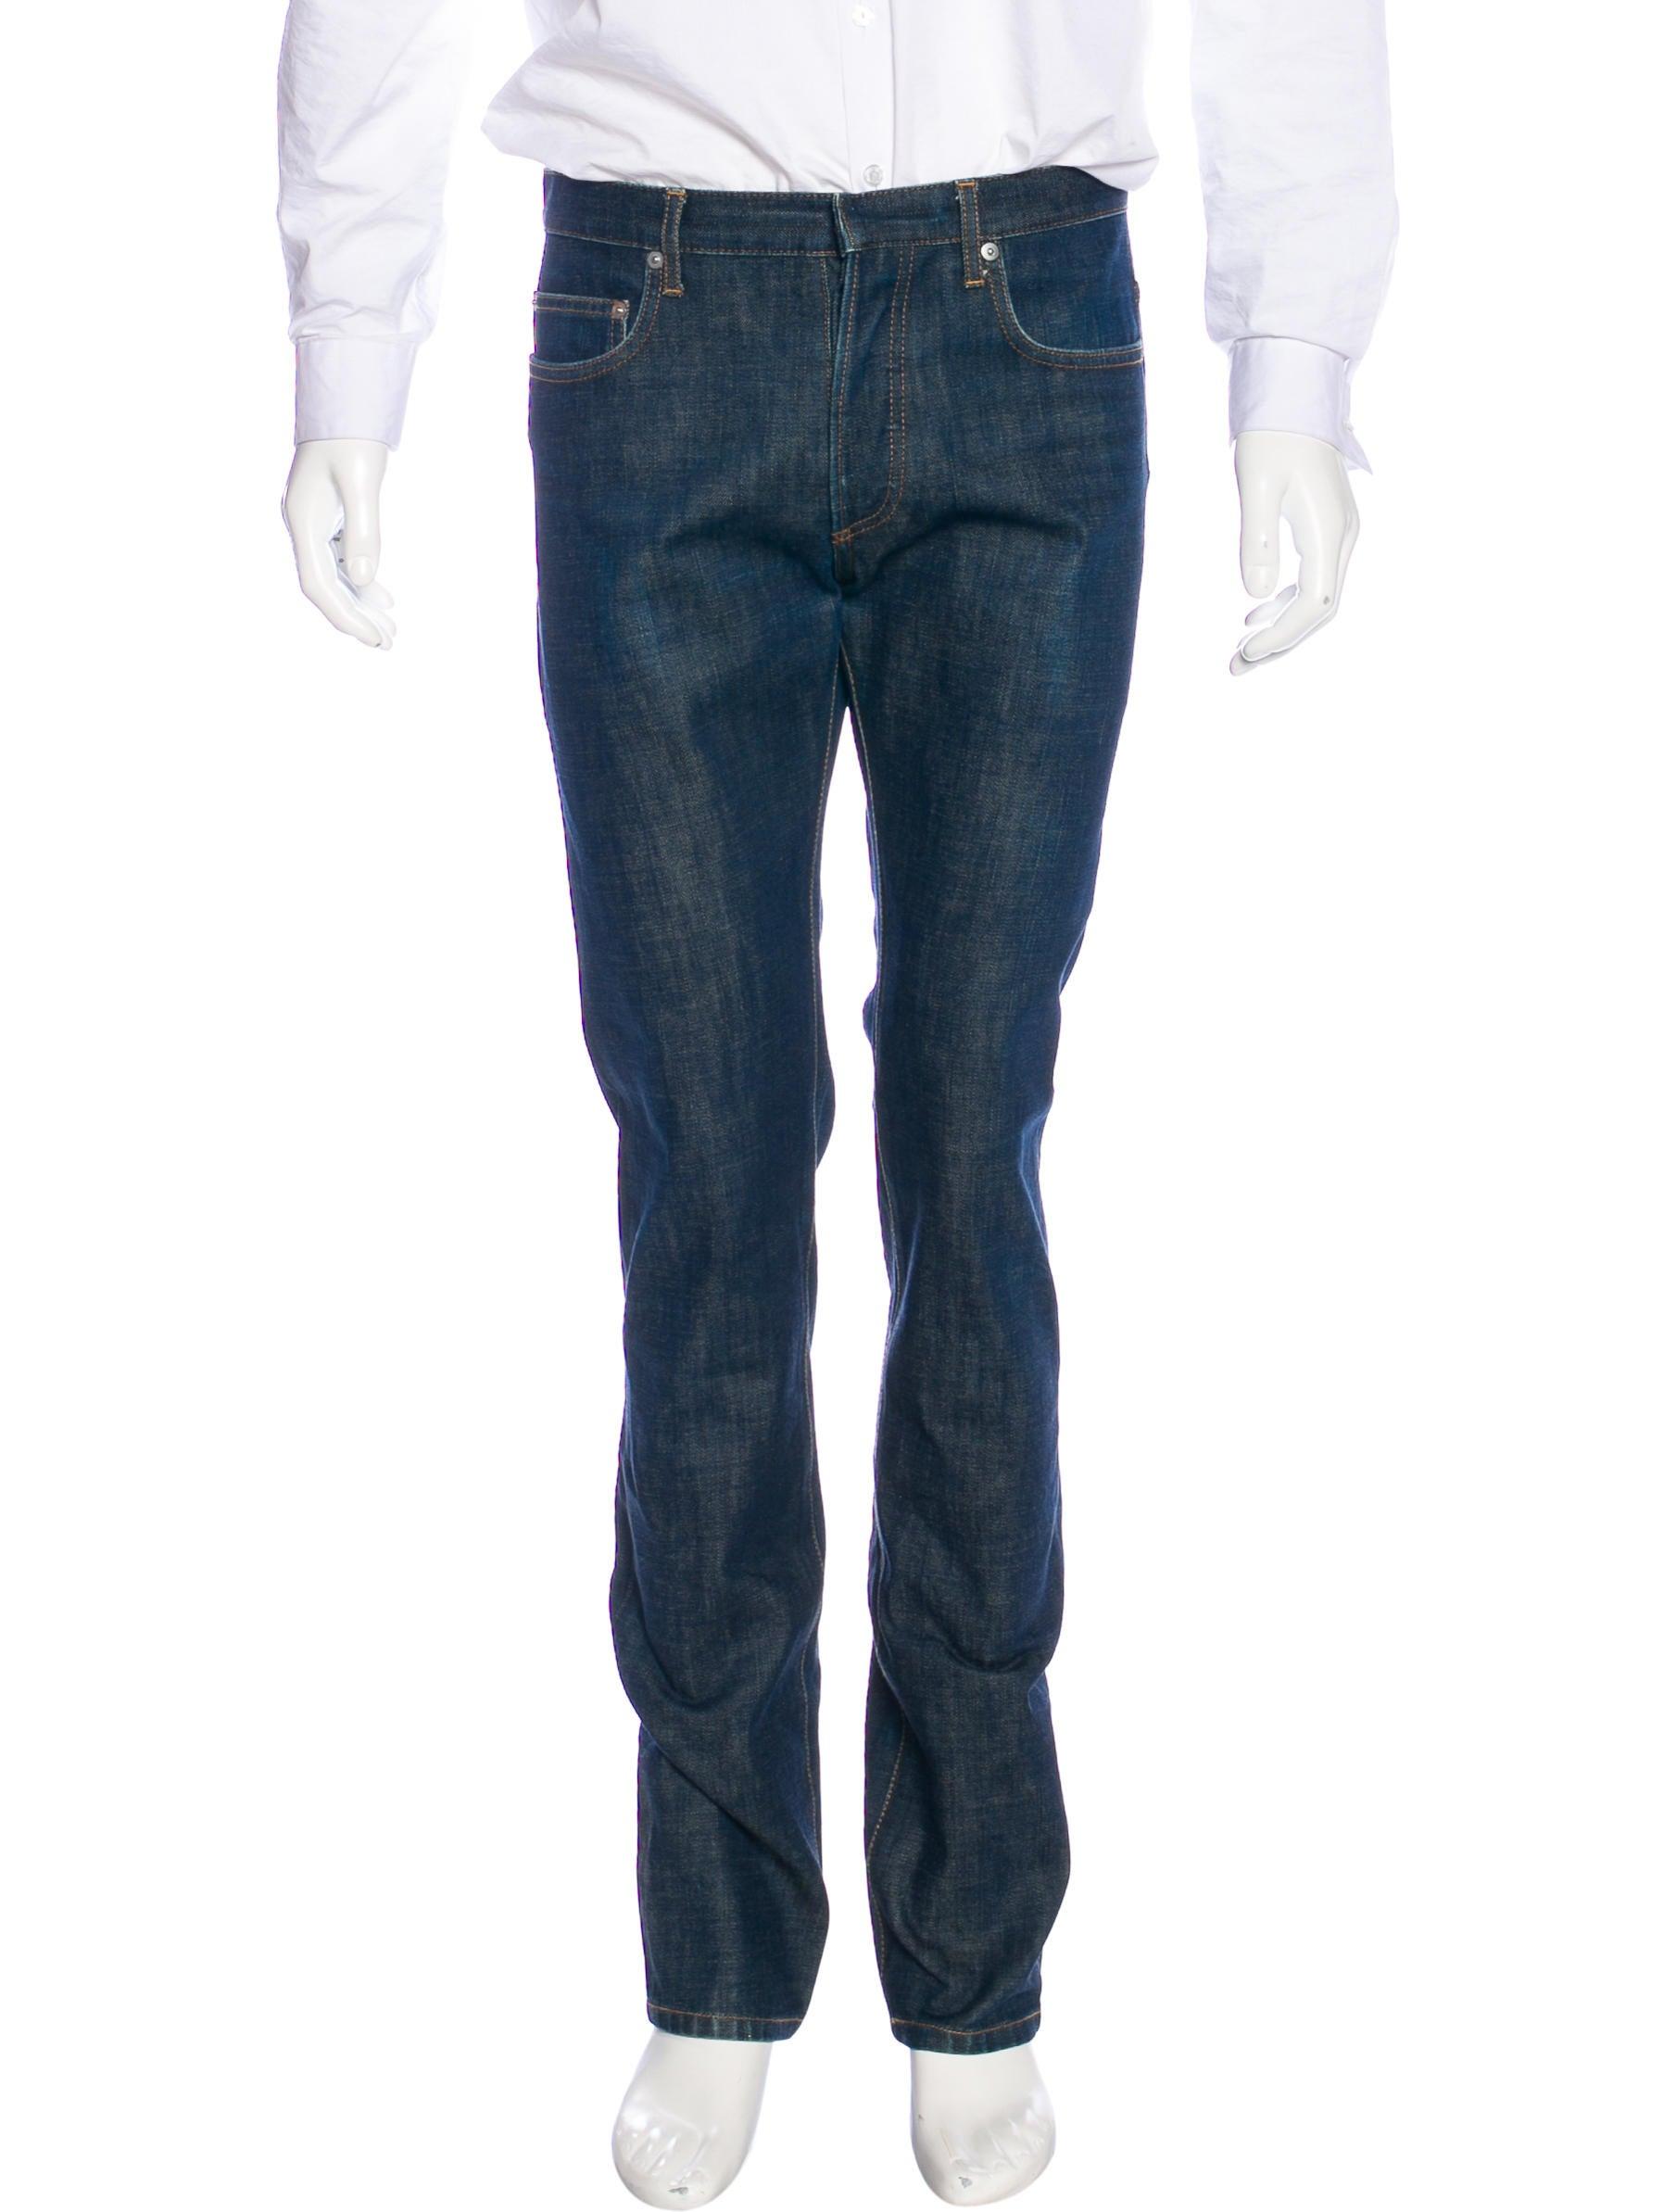 dior homme five pocket slim jeans clothing hmm23505 the realreal. Black Bedroom Furniture Sets. Home Design Ideas